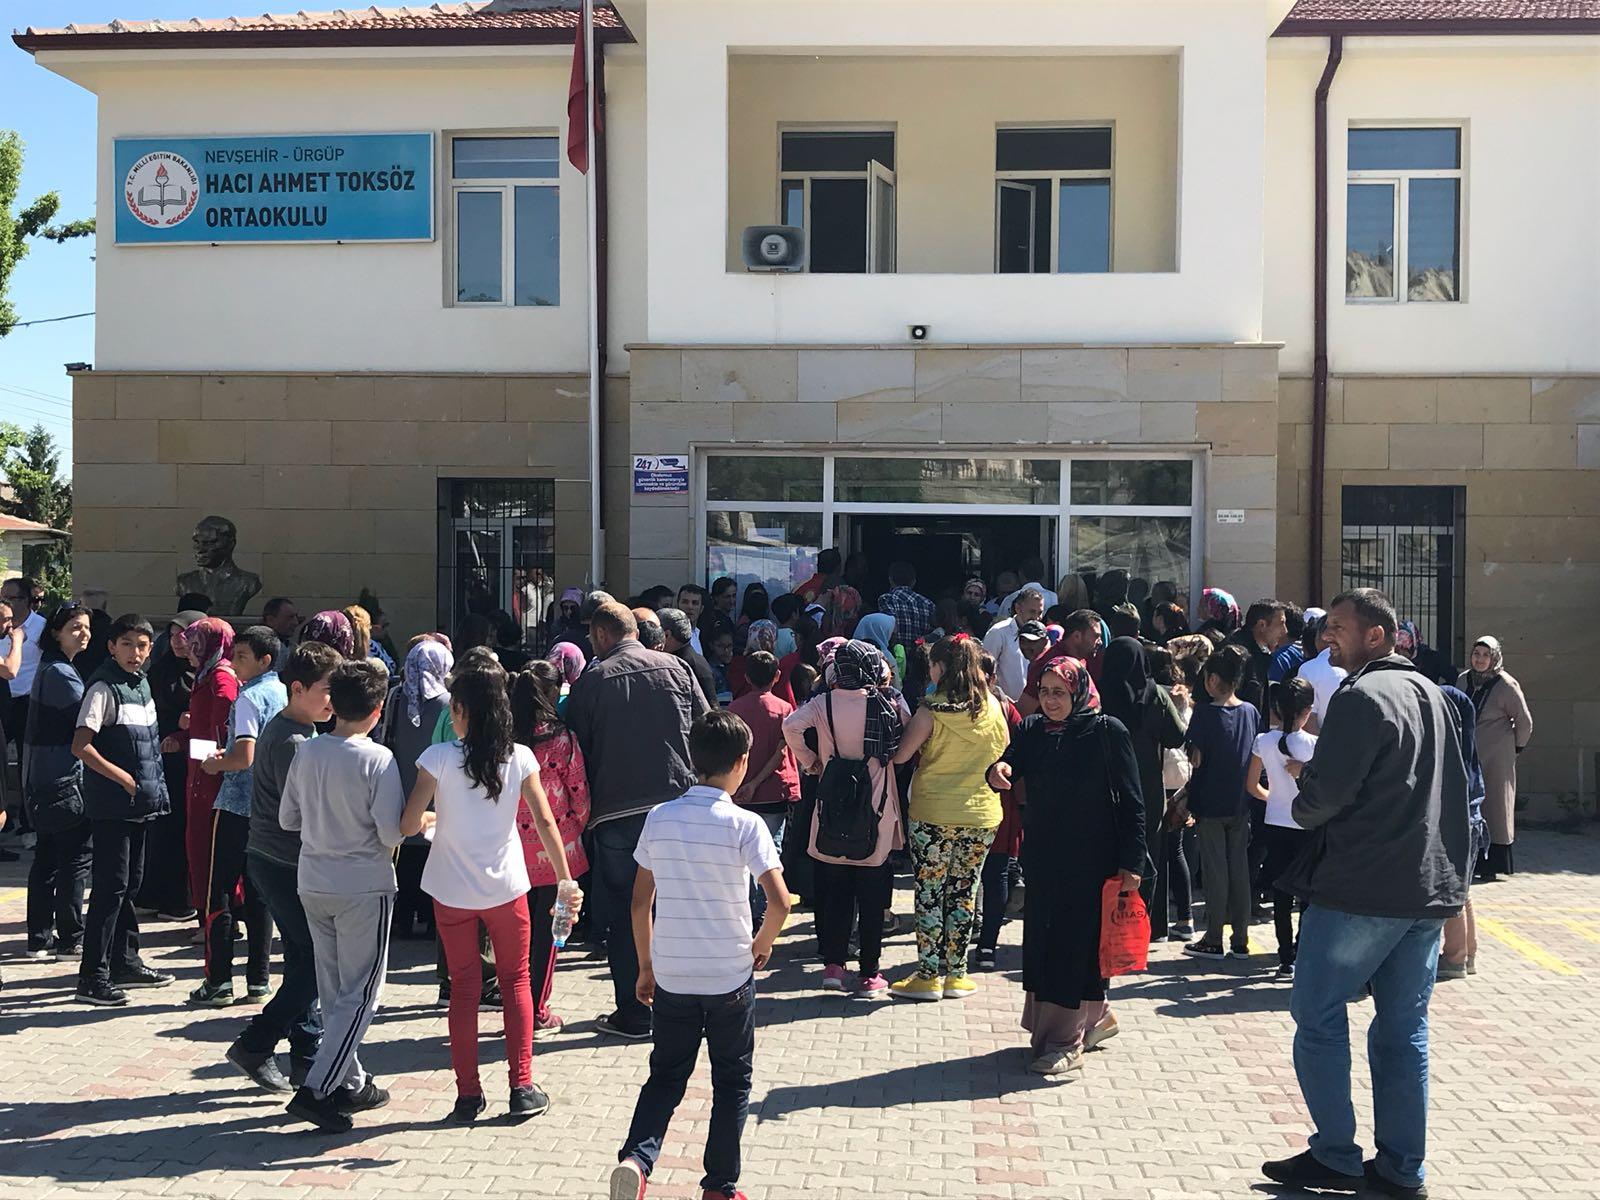 Hacı Ahmet Toksöz Orta Okulunda Bursluluk Sınavı Yapıldı